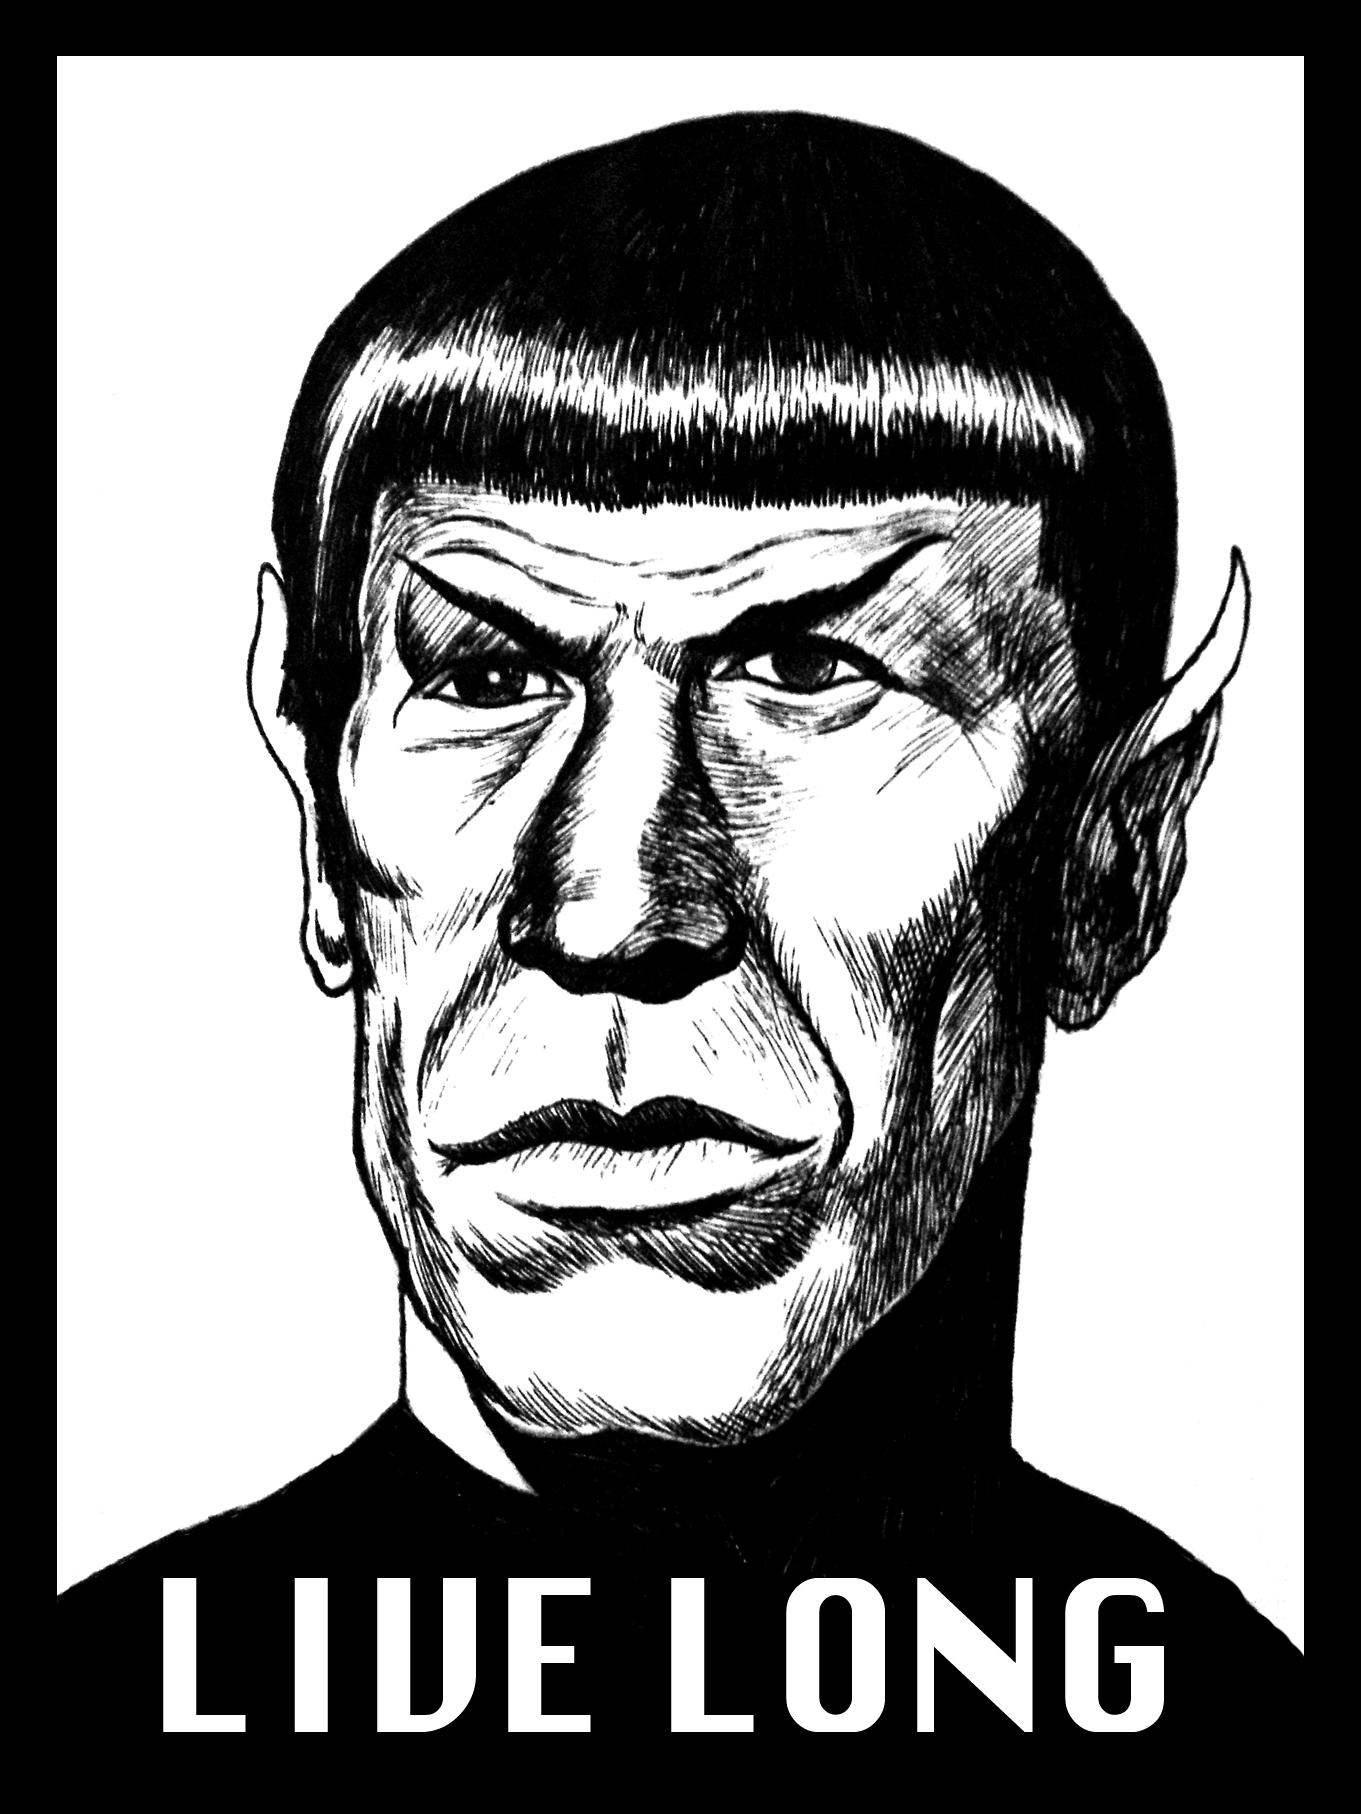 Dr. Spock  2014 ink and digital